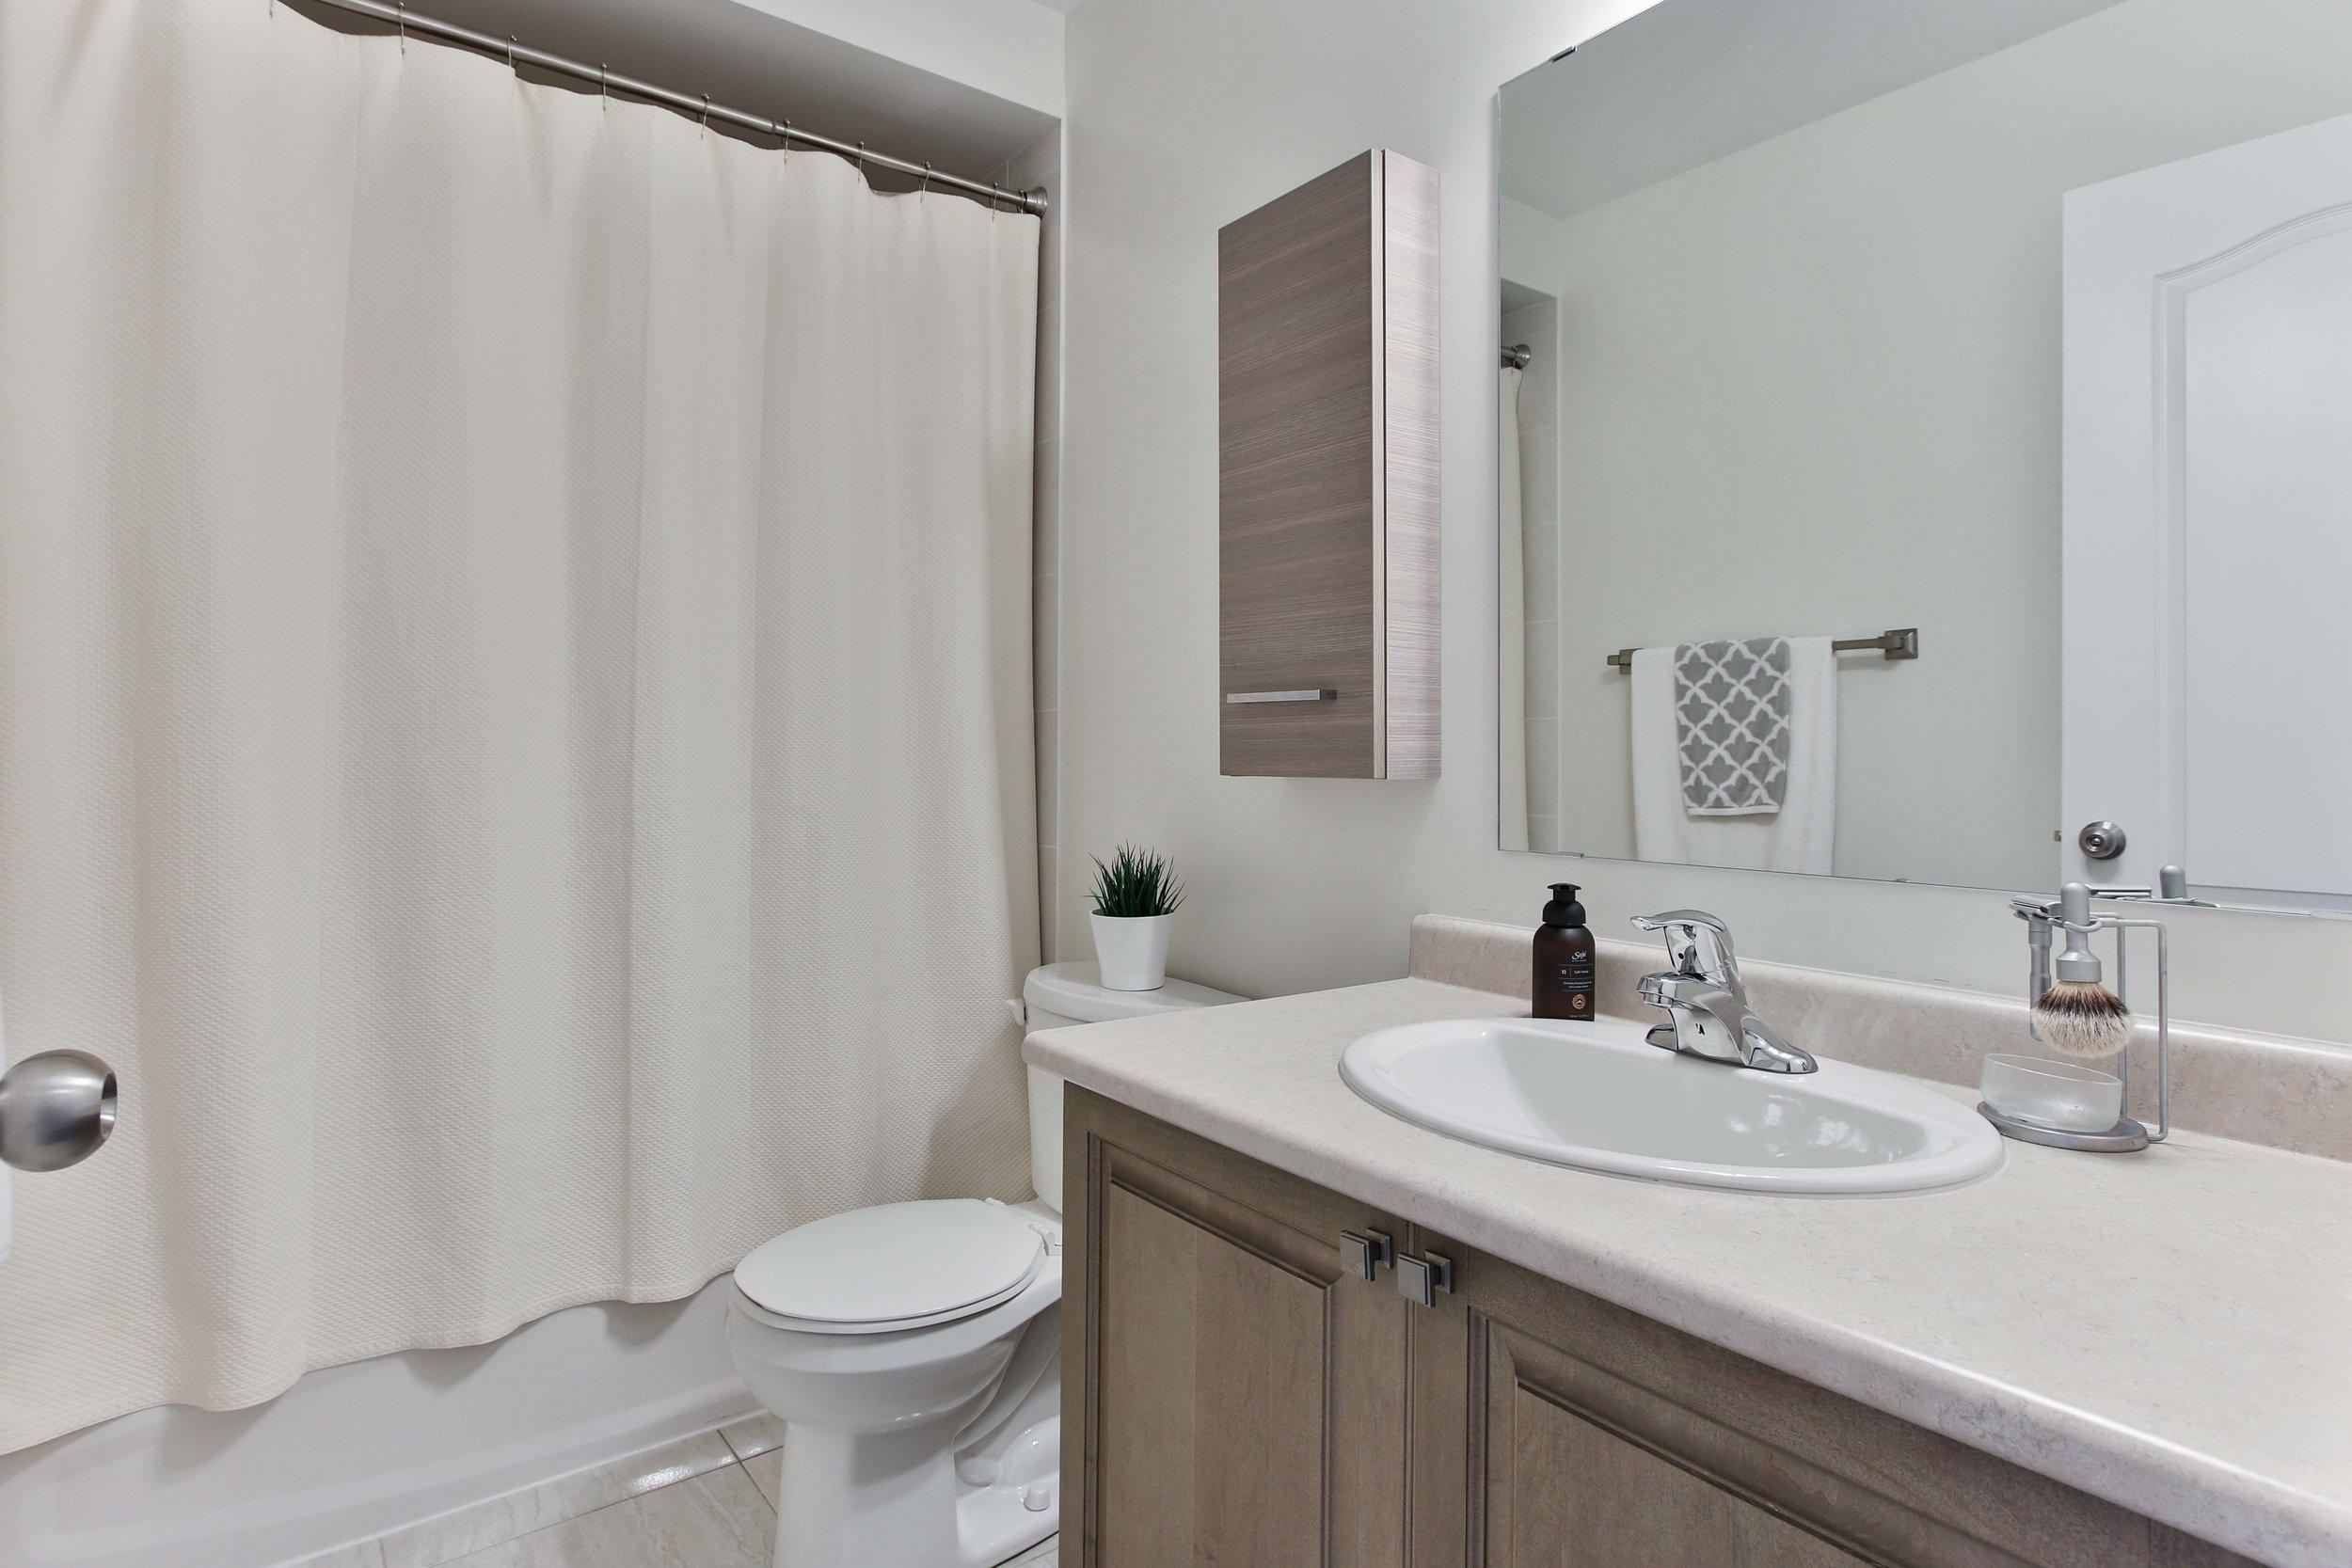 28_Washroom.jpg